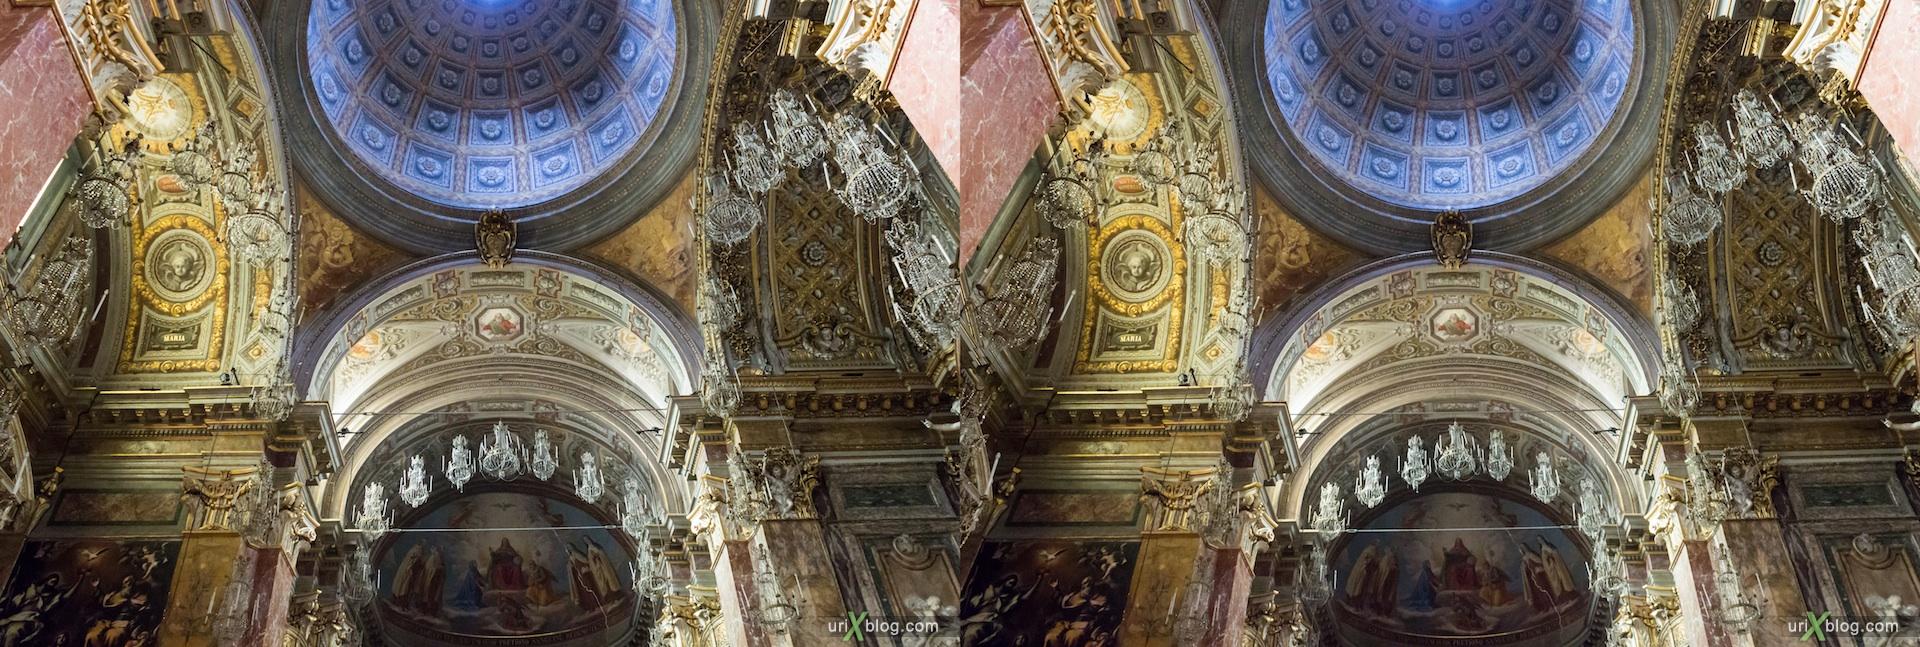 2012, церковь Sant'Egidio, собор, христианство, католичество, Рим, Италия, осень, 3D, перекрёстные стереопары, стерео, стереопара, стереопары